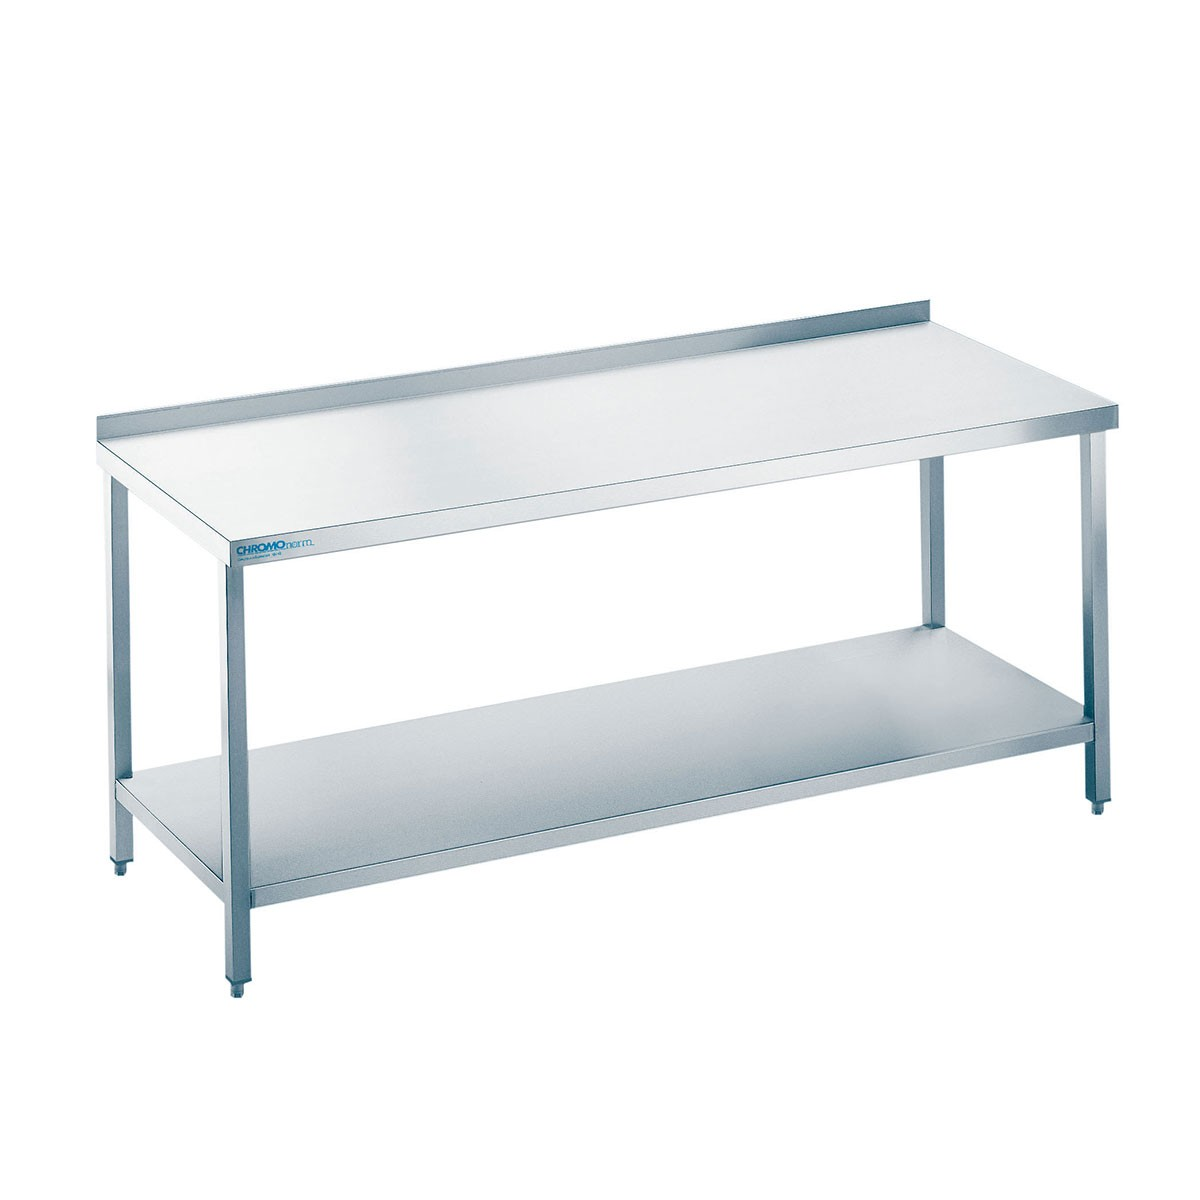 Edelstahl Arbeitstisch mit Zwischenboden Chromonorm TZ0616C0000 600mm x 1600mm